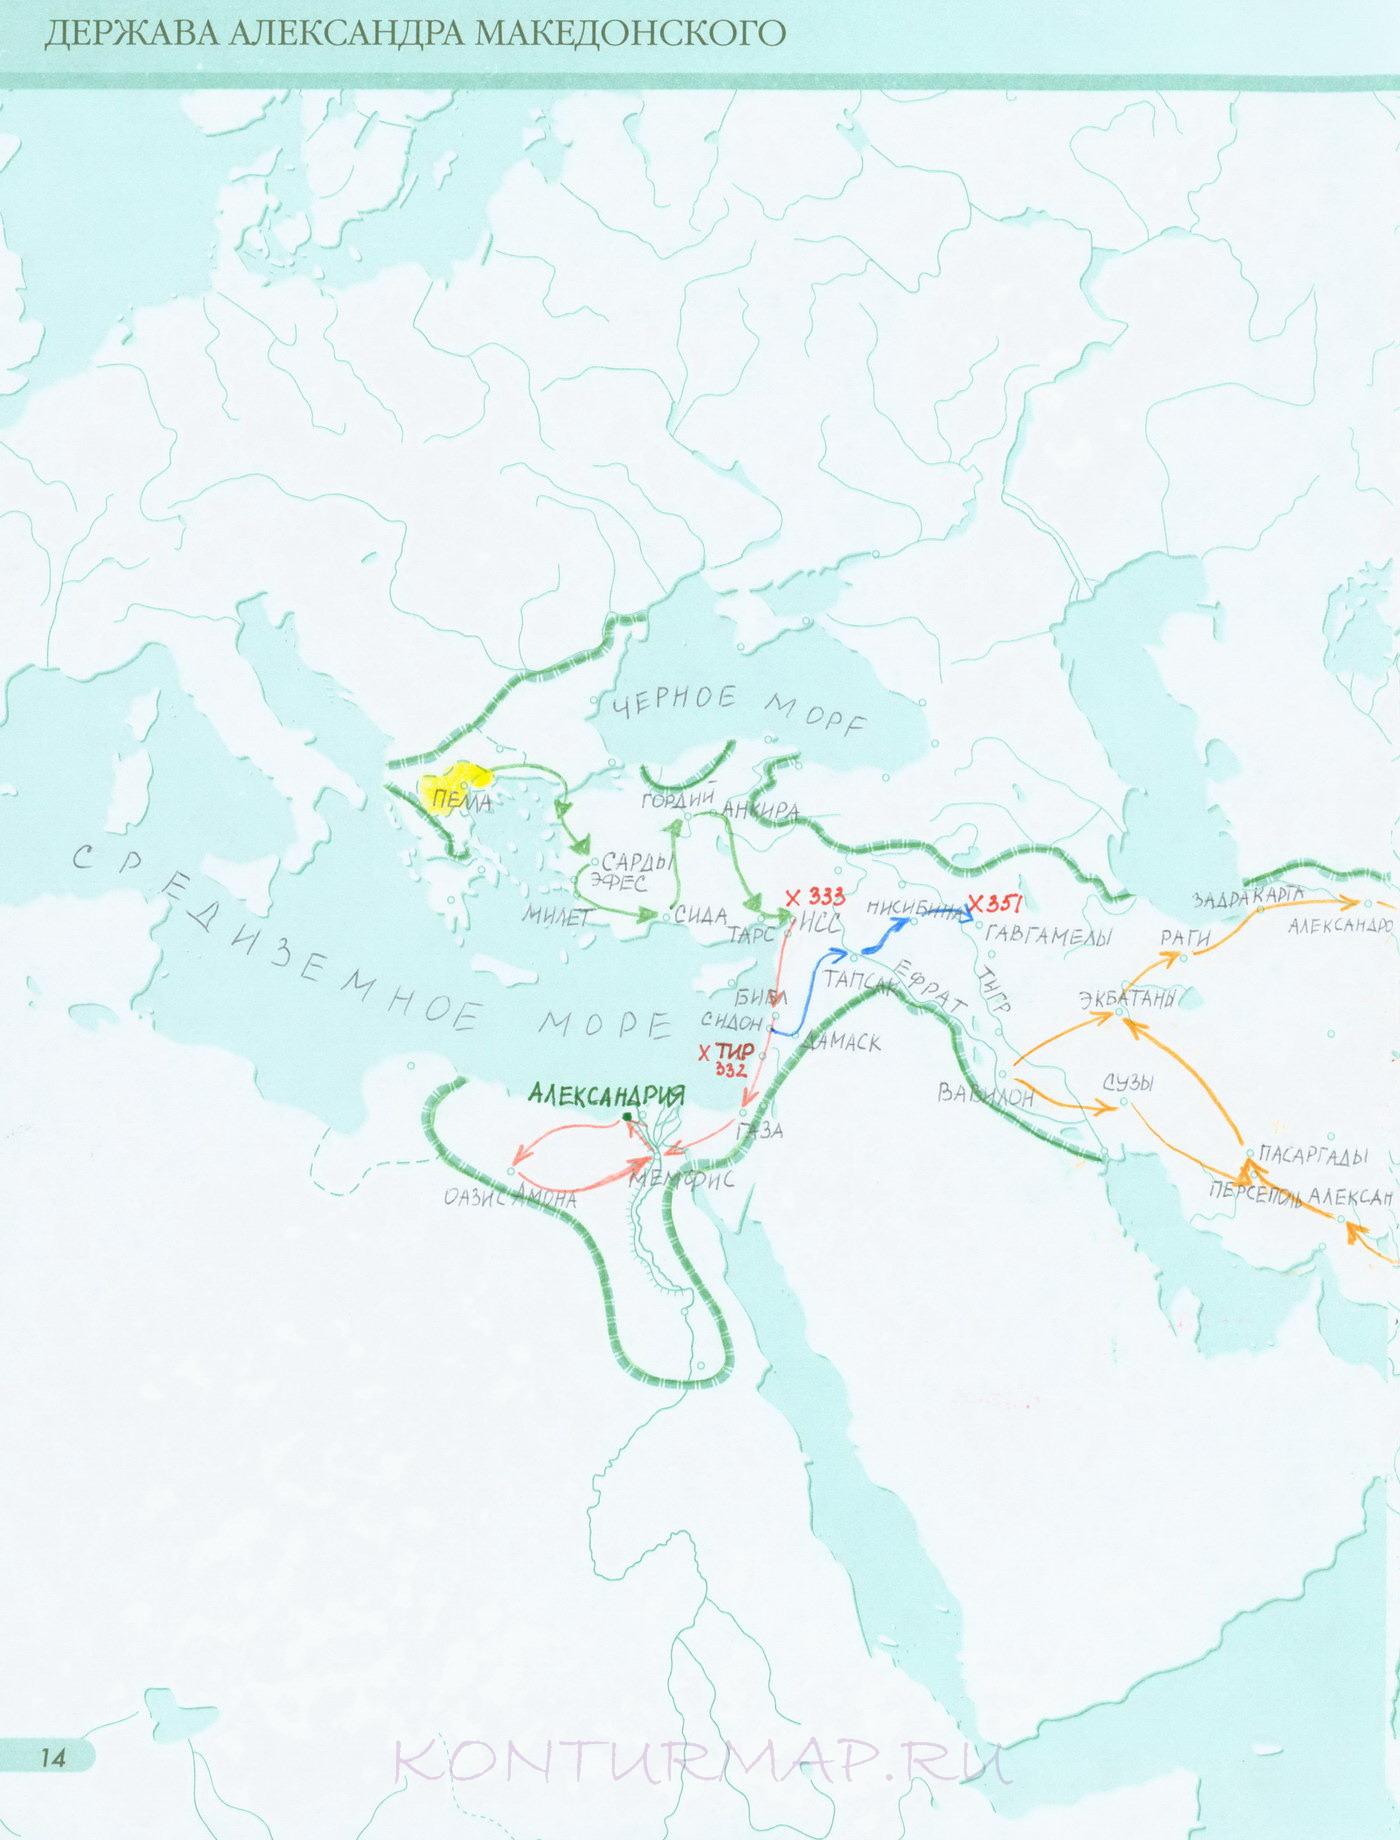 Гдз по истории 5 класс контурные карты задание номер 80 персидская держава